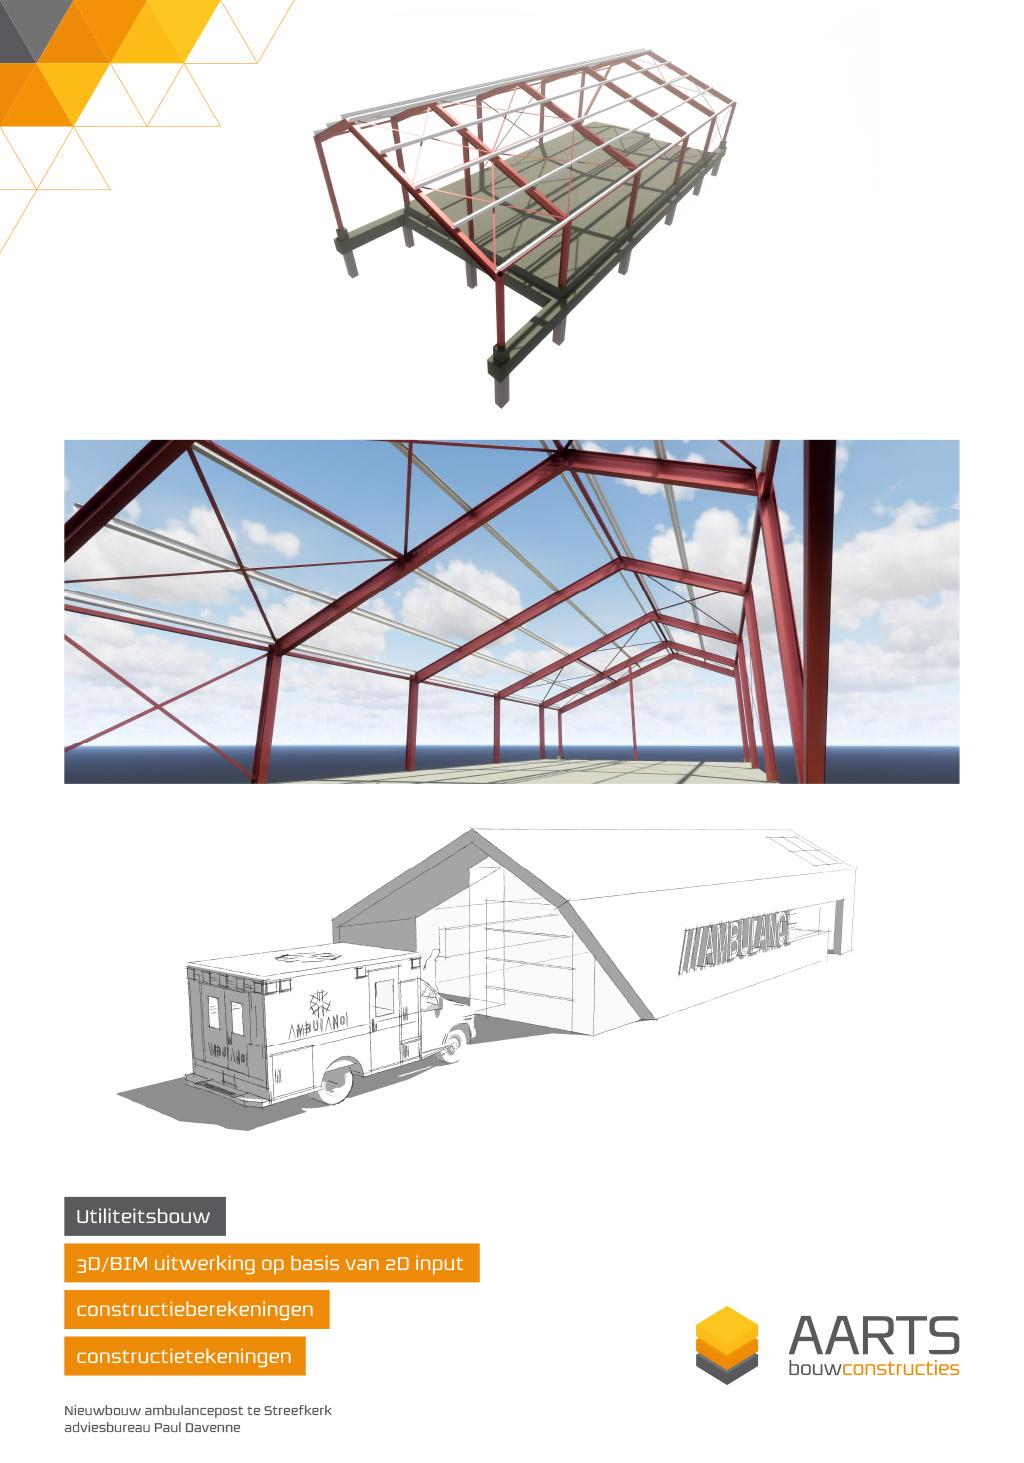 Ambulancepost Streefkerk - 3D BIM uitwerking op basis van 2D input